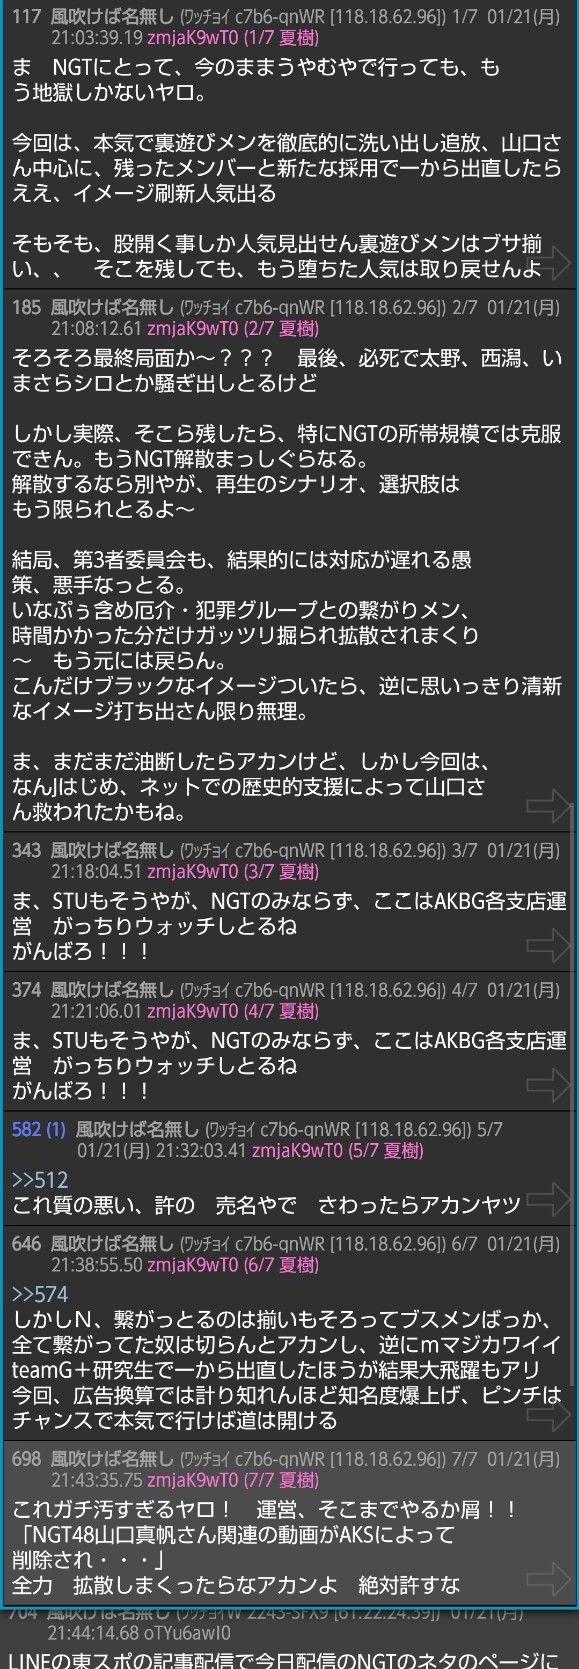 【徹底討論】NGTスレはなぜ未だになんJに居座り続けるのか??!?!?!?!?!?!?!? ★2